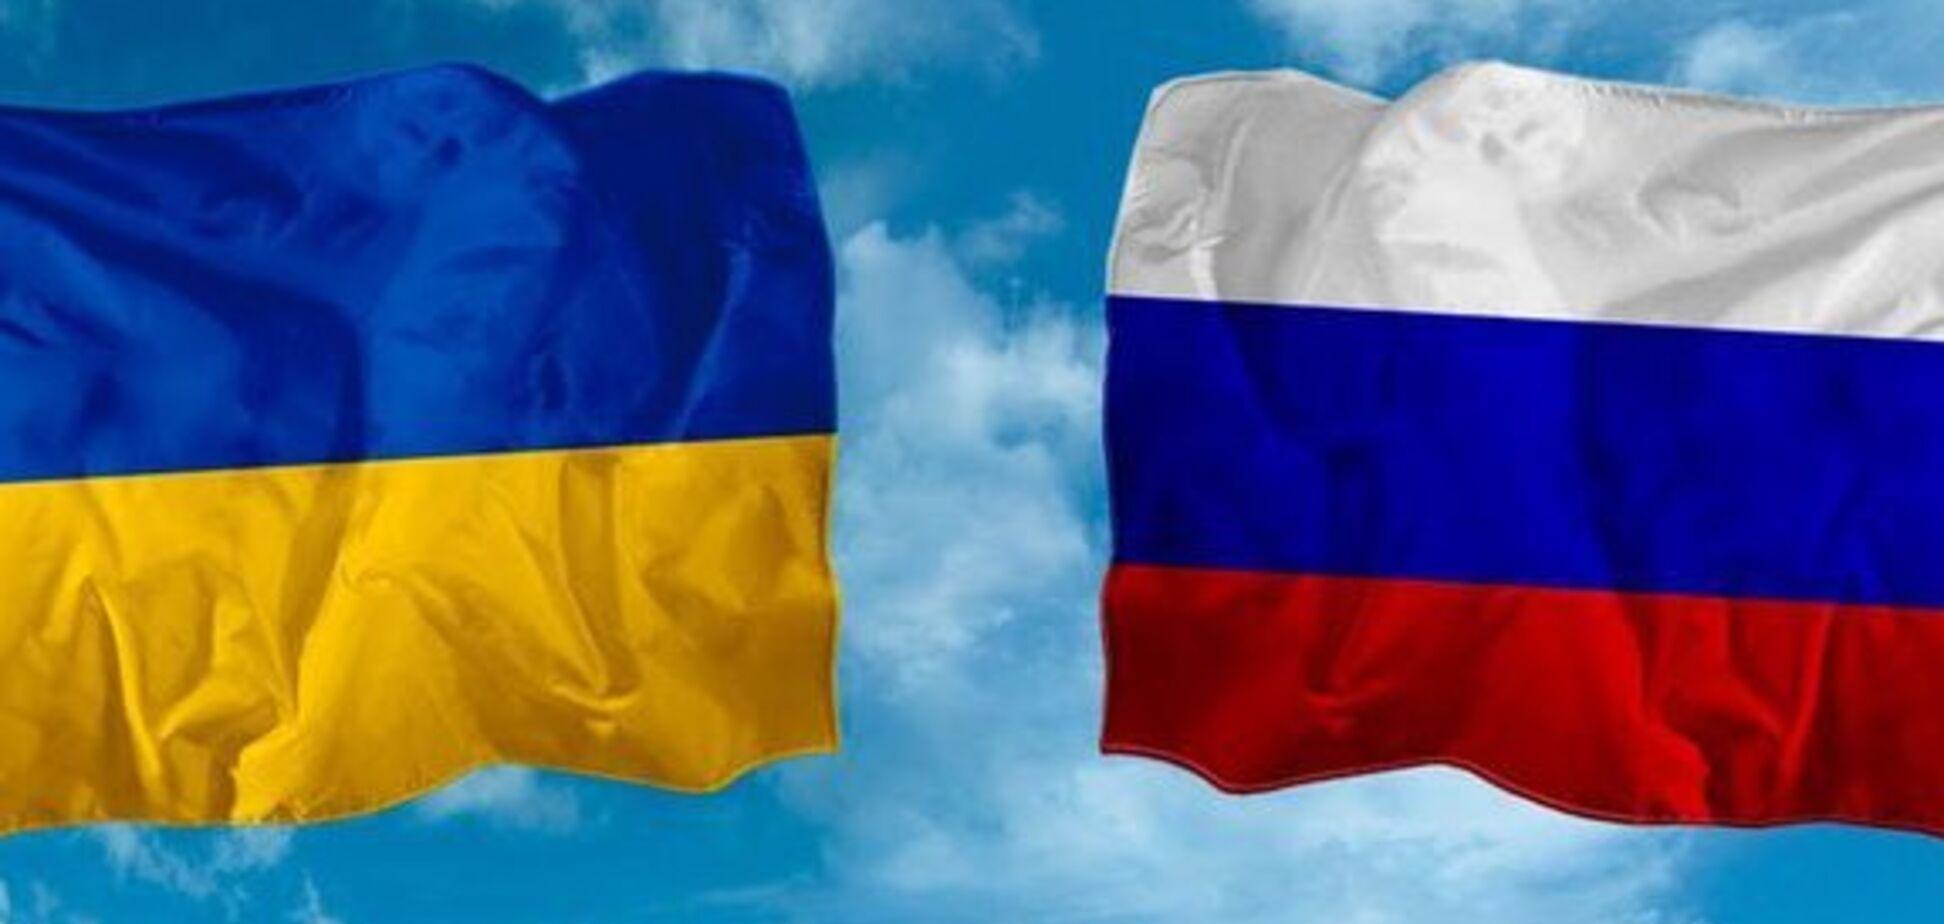 Какой старший брат? Кравчук сказал об украинском княжестве и разозлил Россию